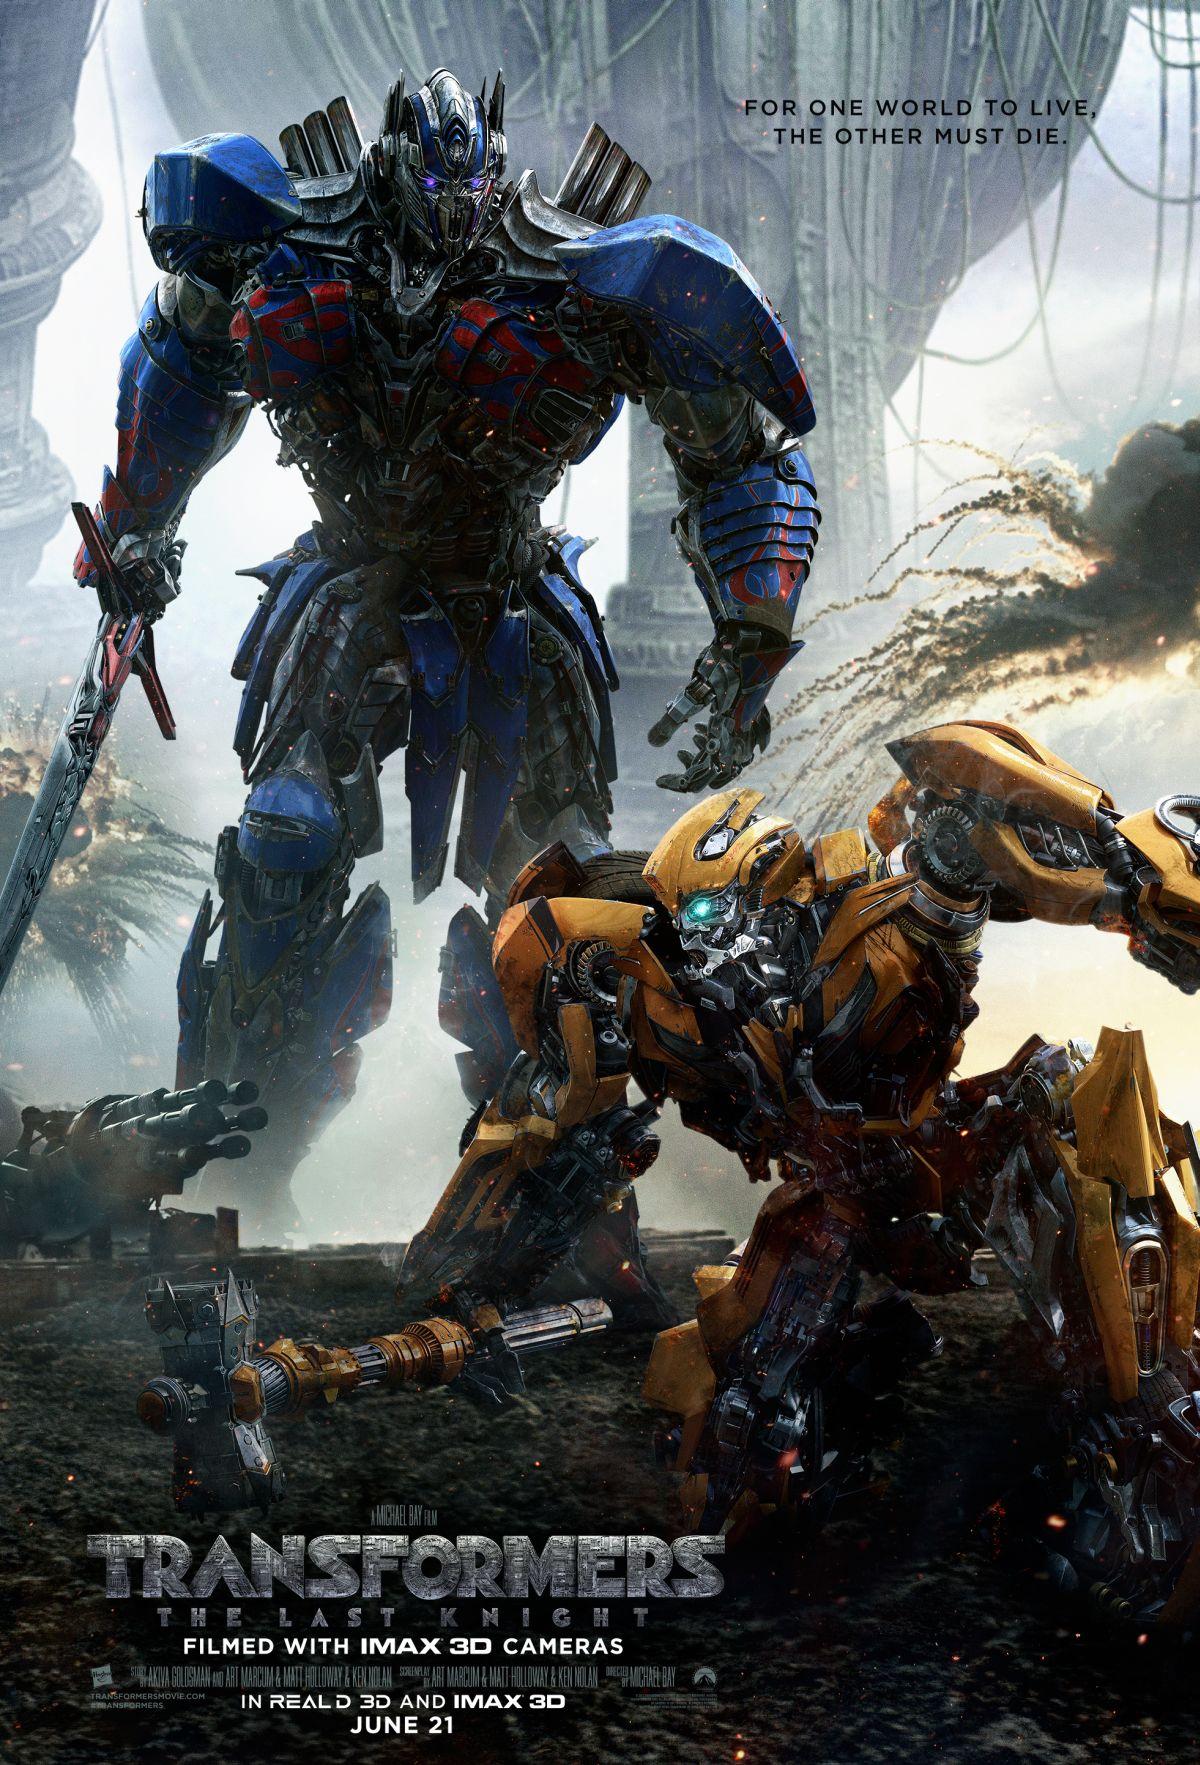 TransformersThelastknightCartel01